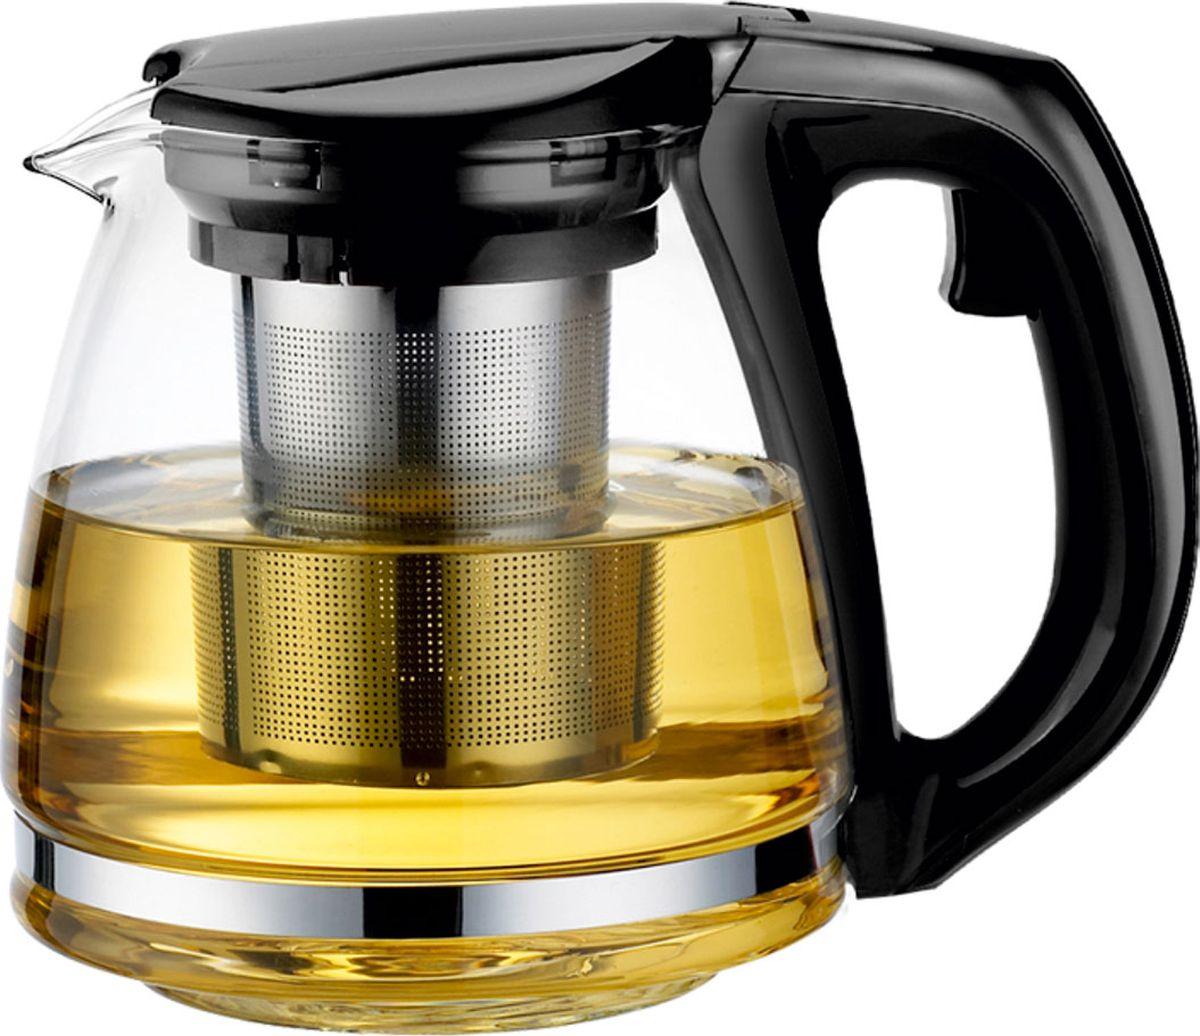 Чайник заварочный Vitesse, с фильтром, 1,1 лVS-4001Заварочный чайник Vitesse станет достойным и функцианальным аксессуаром вашей кухони. Он изготовлен из жаростойкого стекла. Изделия из стекла не впитывают запахи, благодаря чему вы всегда получите натуральный, насыщенный вкус и аромат напитков. Фильтр, выполненный из нержавеющейстали, гарантирует прозрачность и чистоту напитка от чайных листьев, при этом сохранив букет и насыщенность чая.Ручка и крышка чайника выполнены из пищевого пластика.Прозрачные стенки чайника дают возможность насладиться насыщенным цветом заваренного чая. Подходит для мытья в посудомоечной машине.Объем чайника: 1,1 л.